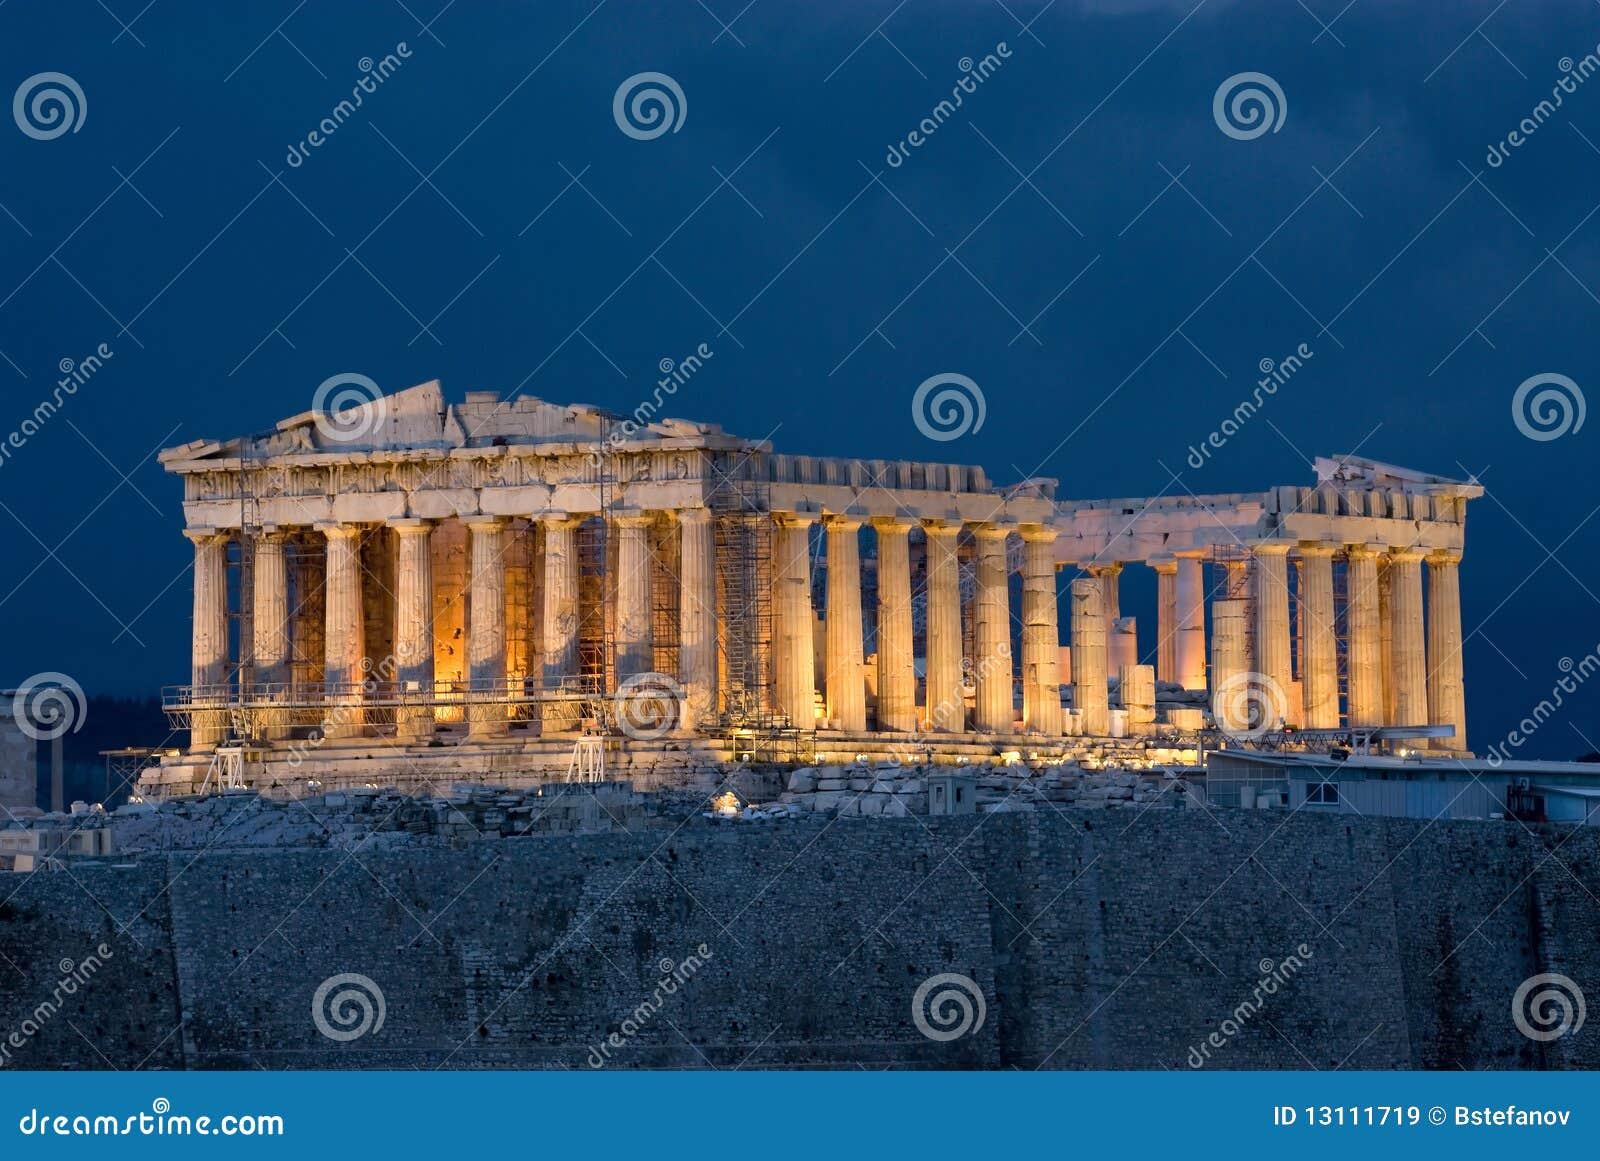 Parthenon dell acropoli di Atene